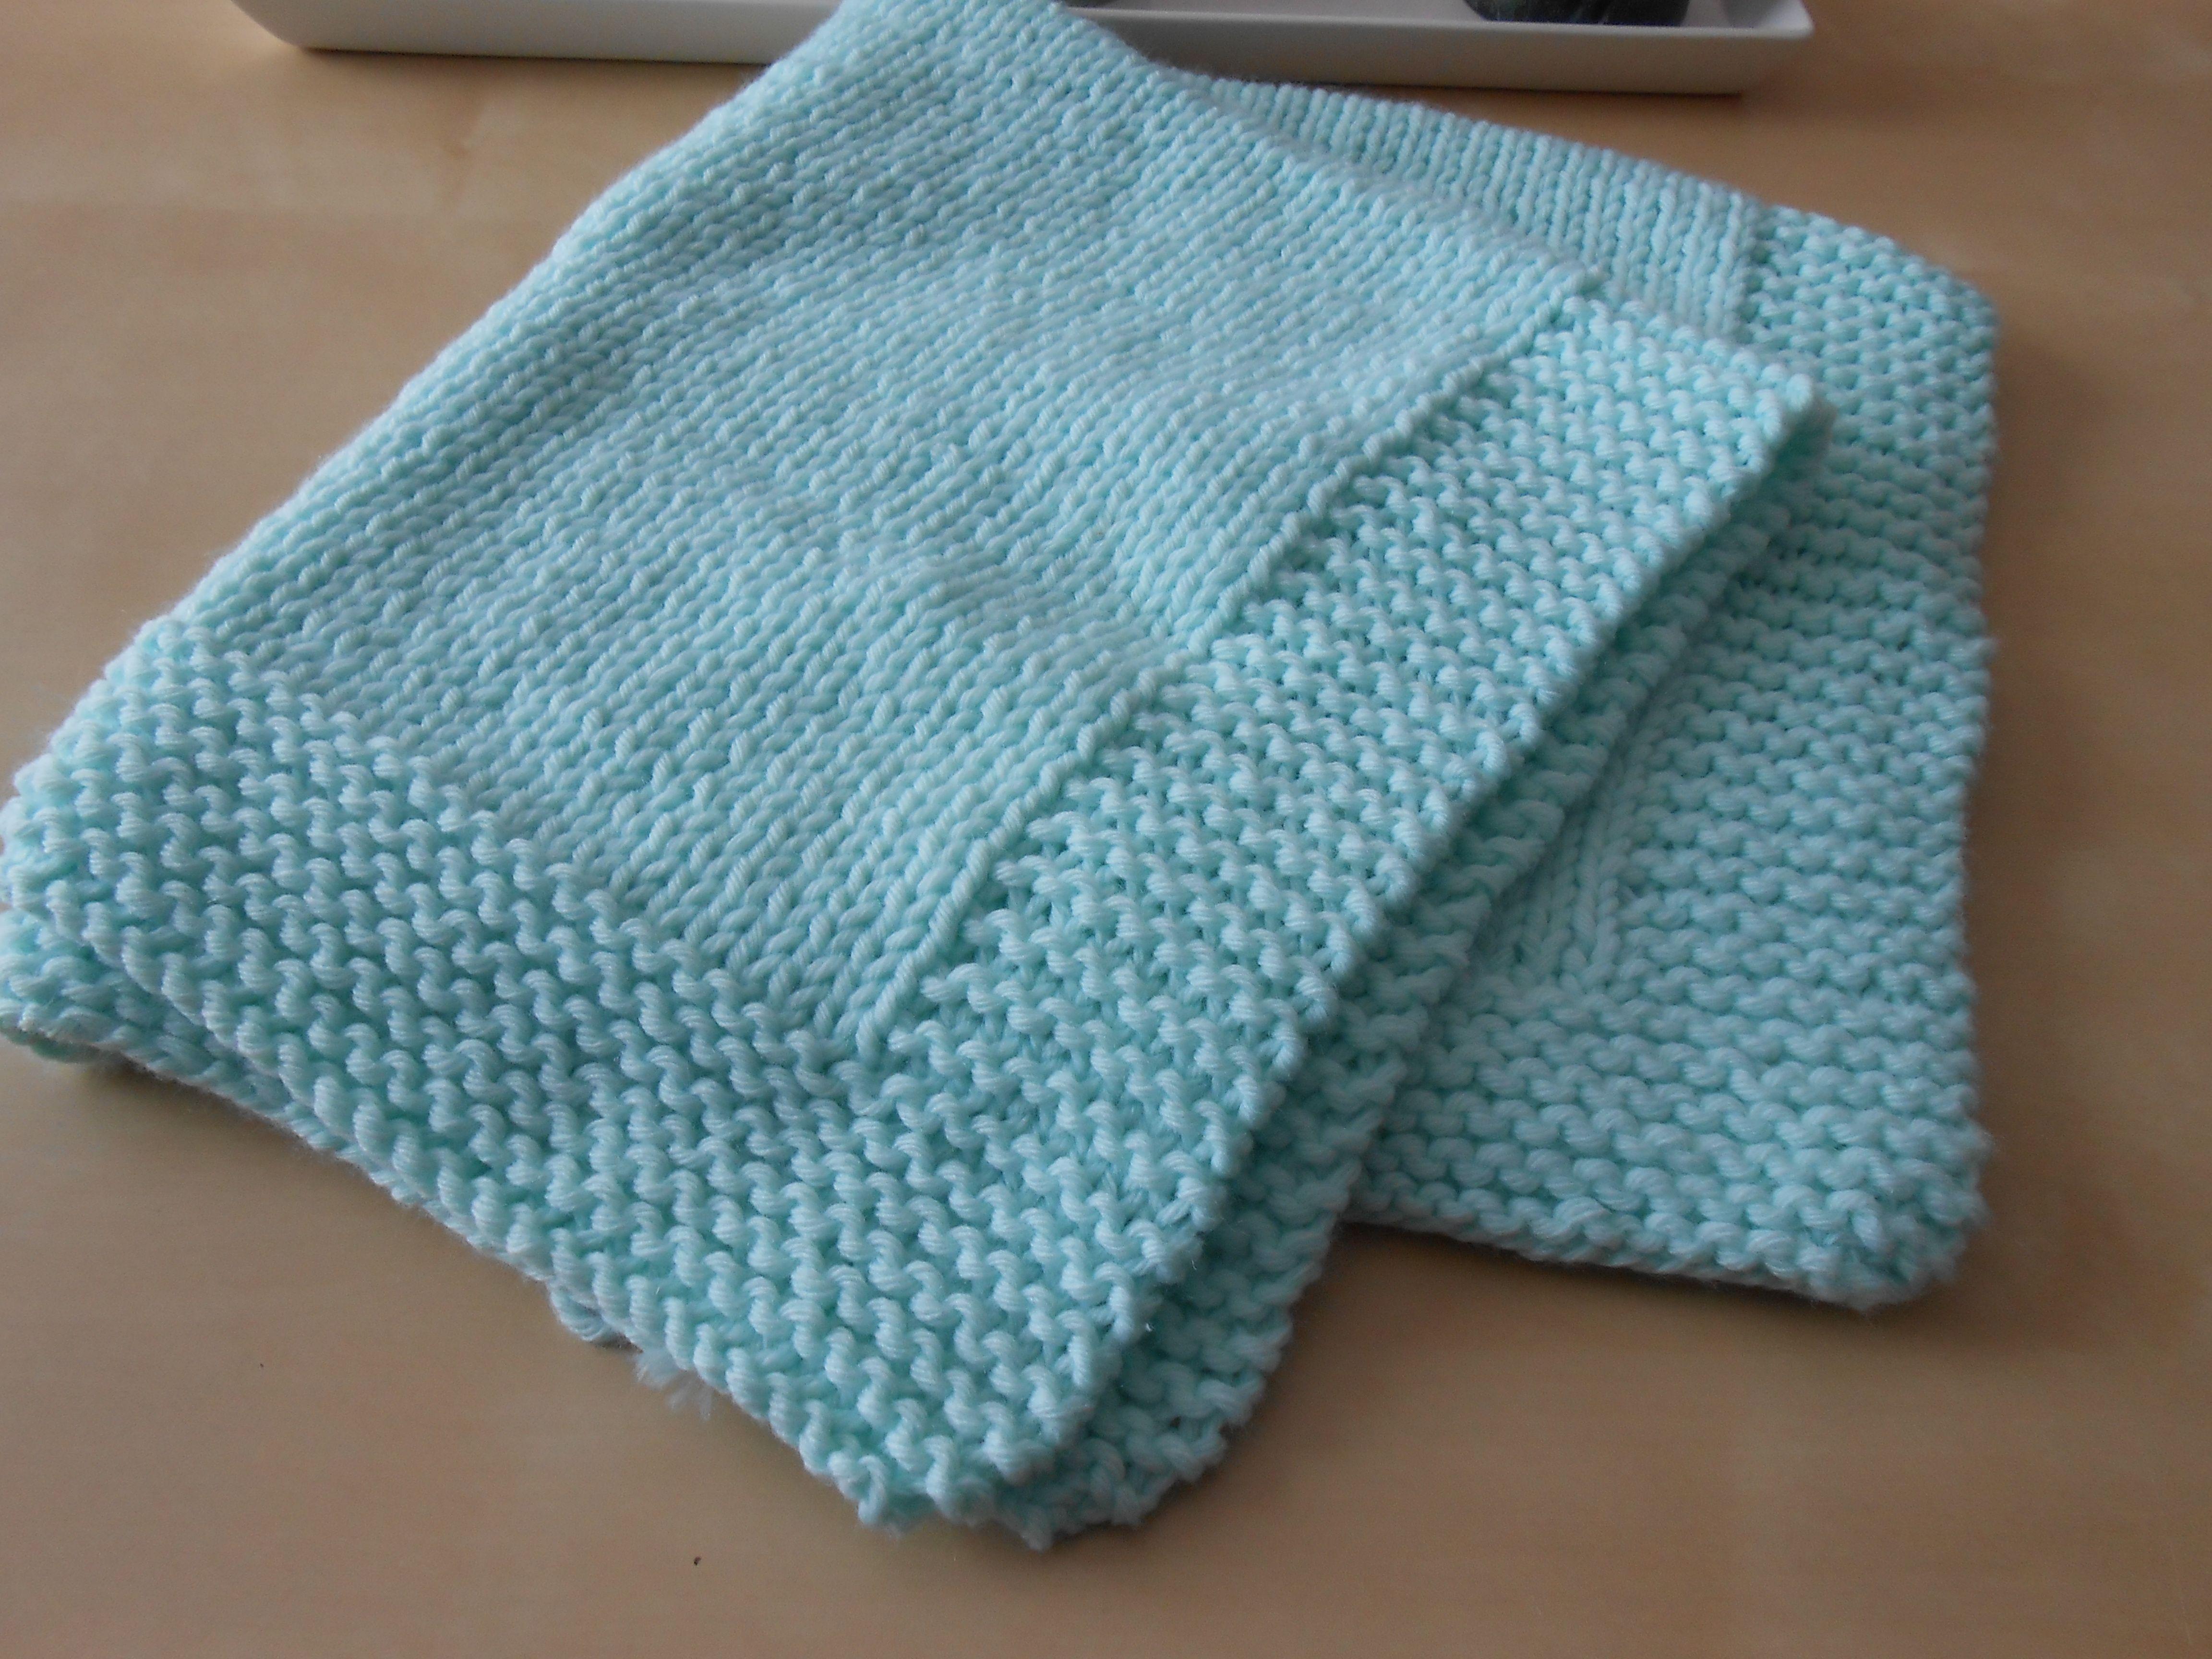 couverture pour b b tricots et laines pinterest couverture couverture b b et tricot. Black Bedroom Furniture Sets. Home Design Ideas